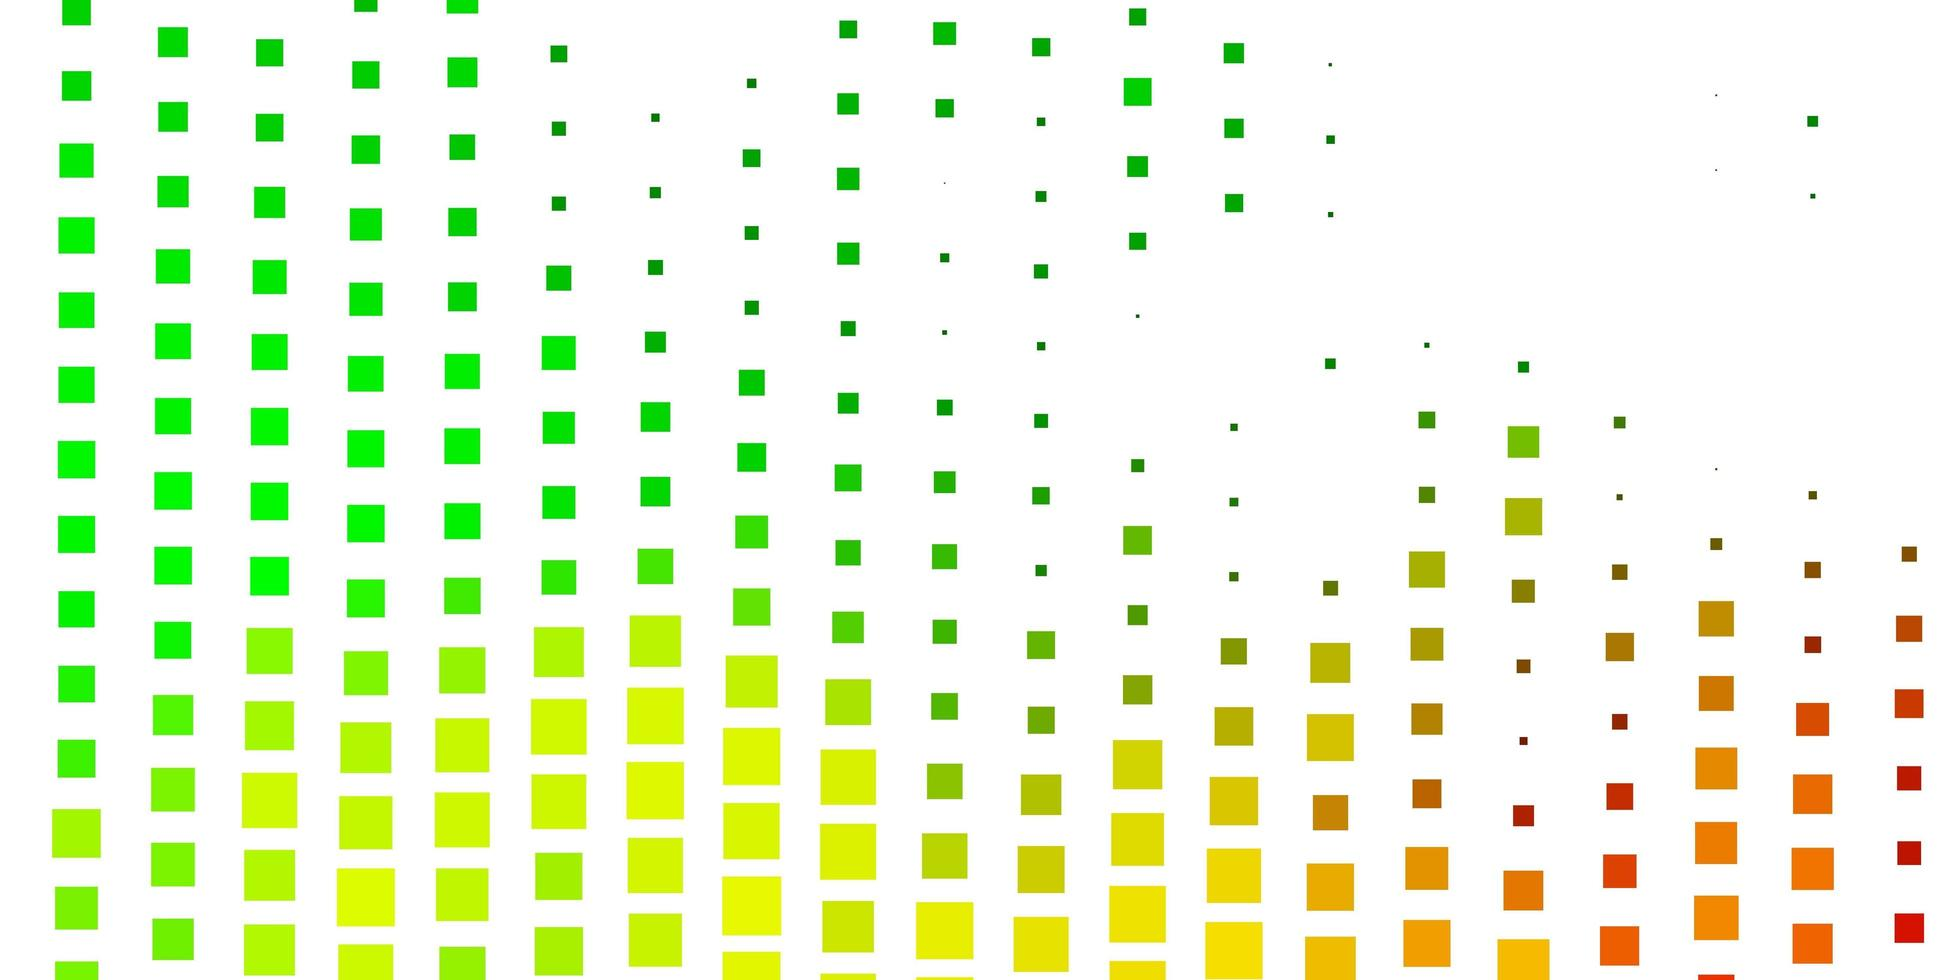 hellgrüner, gelber Vektorhintergrund mit Rechtecken. vektor